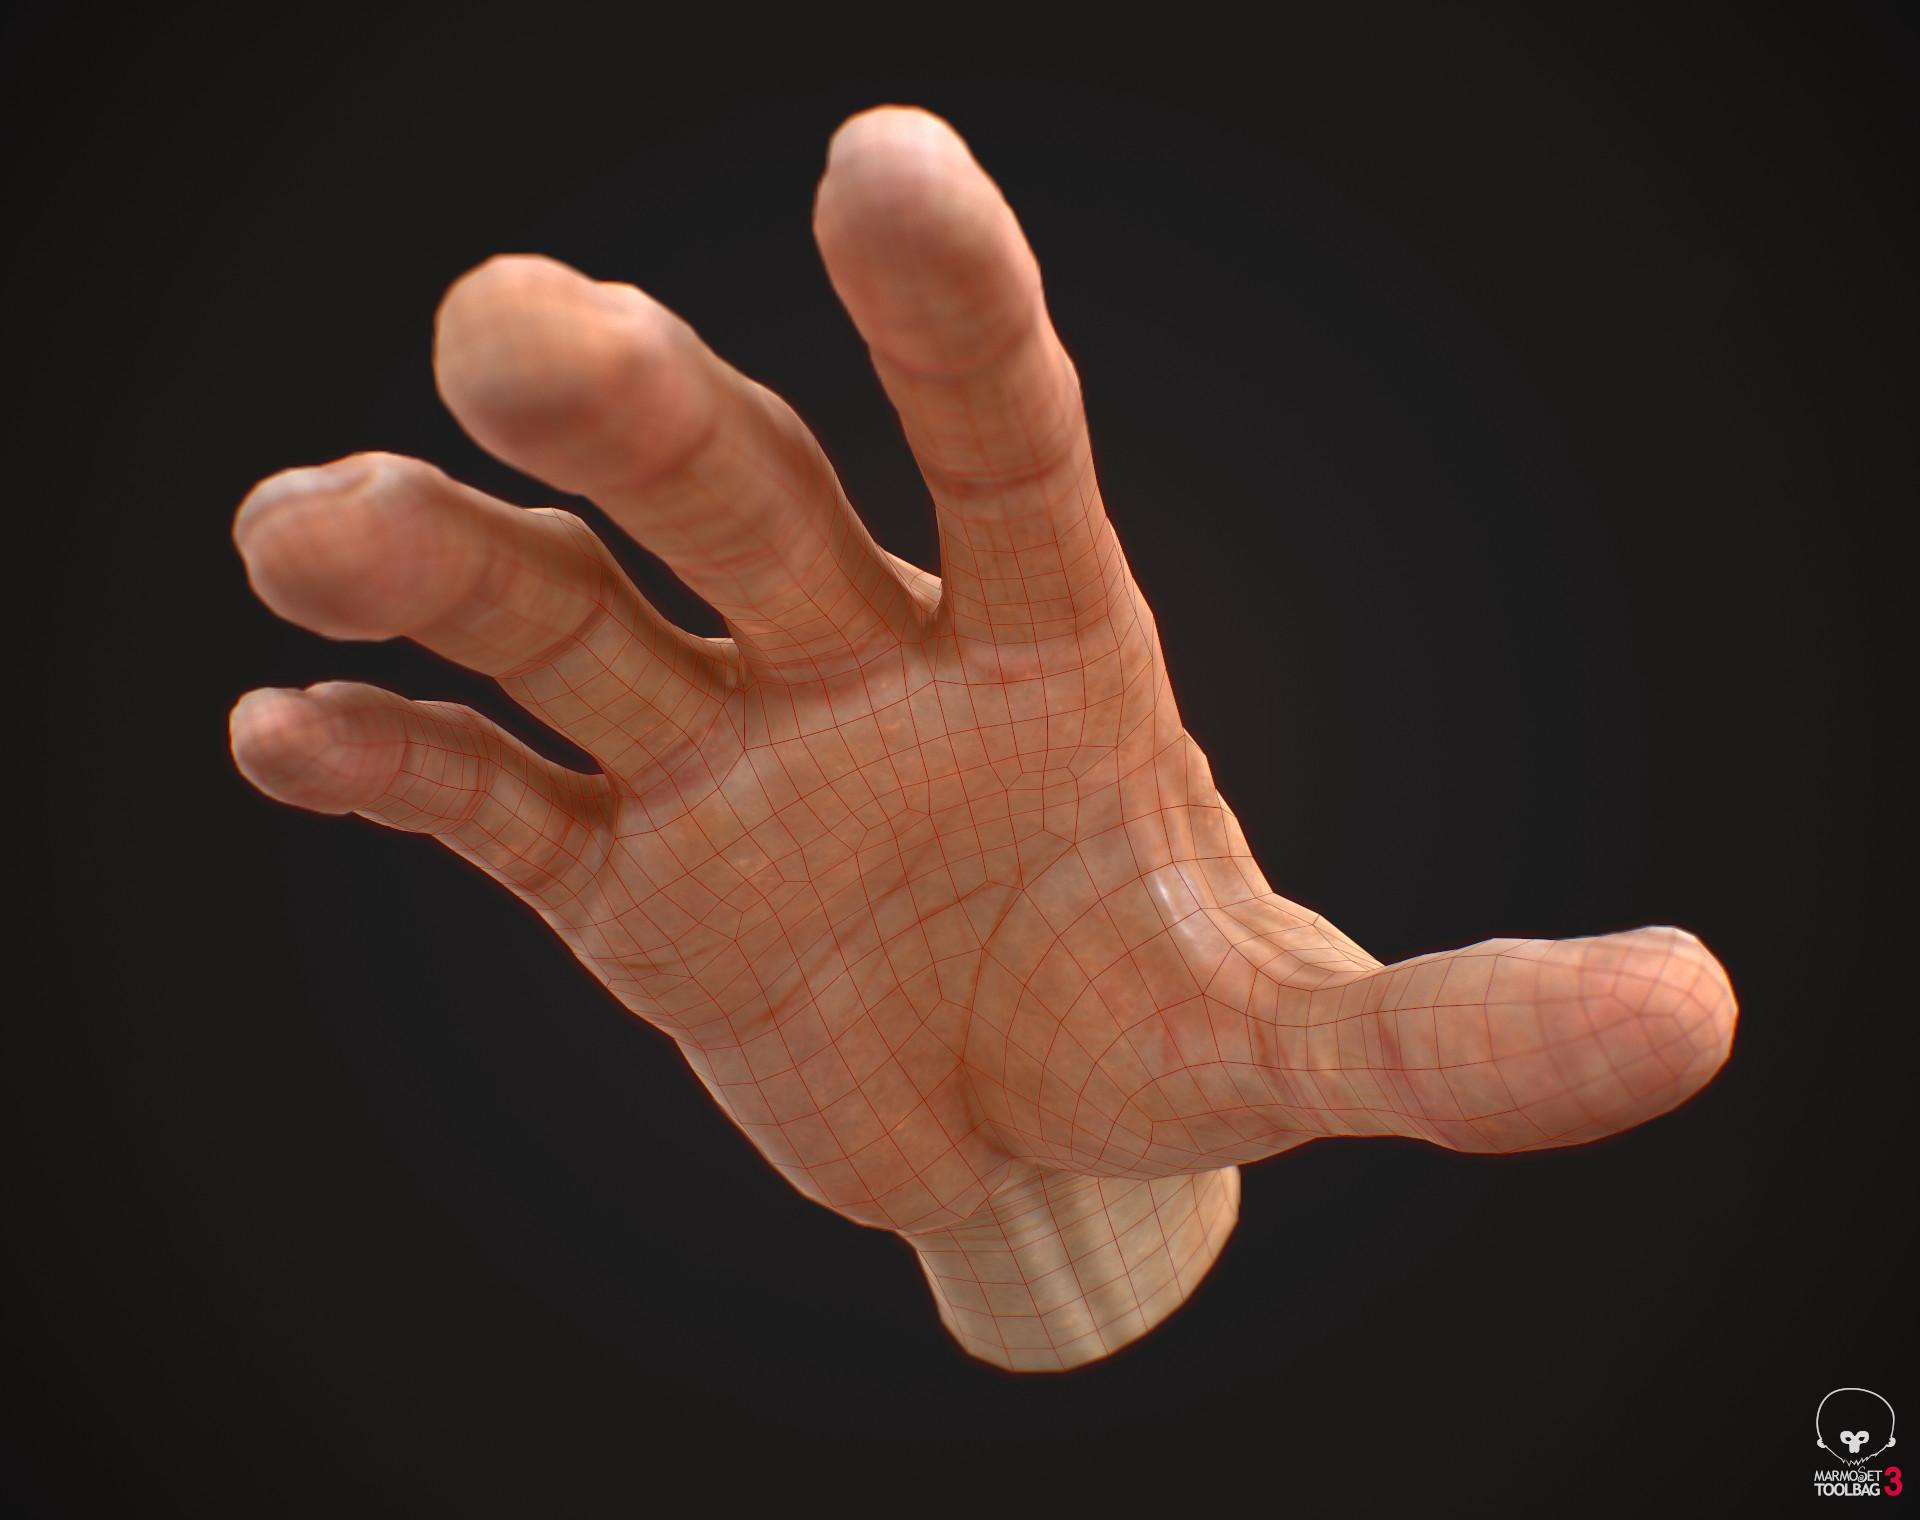 Federico abram vr hand 08